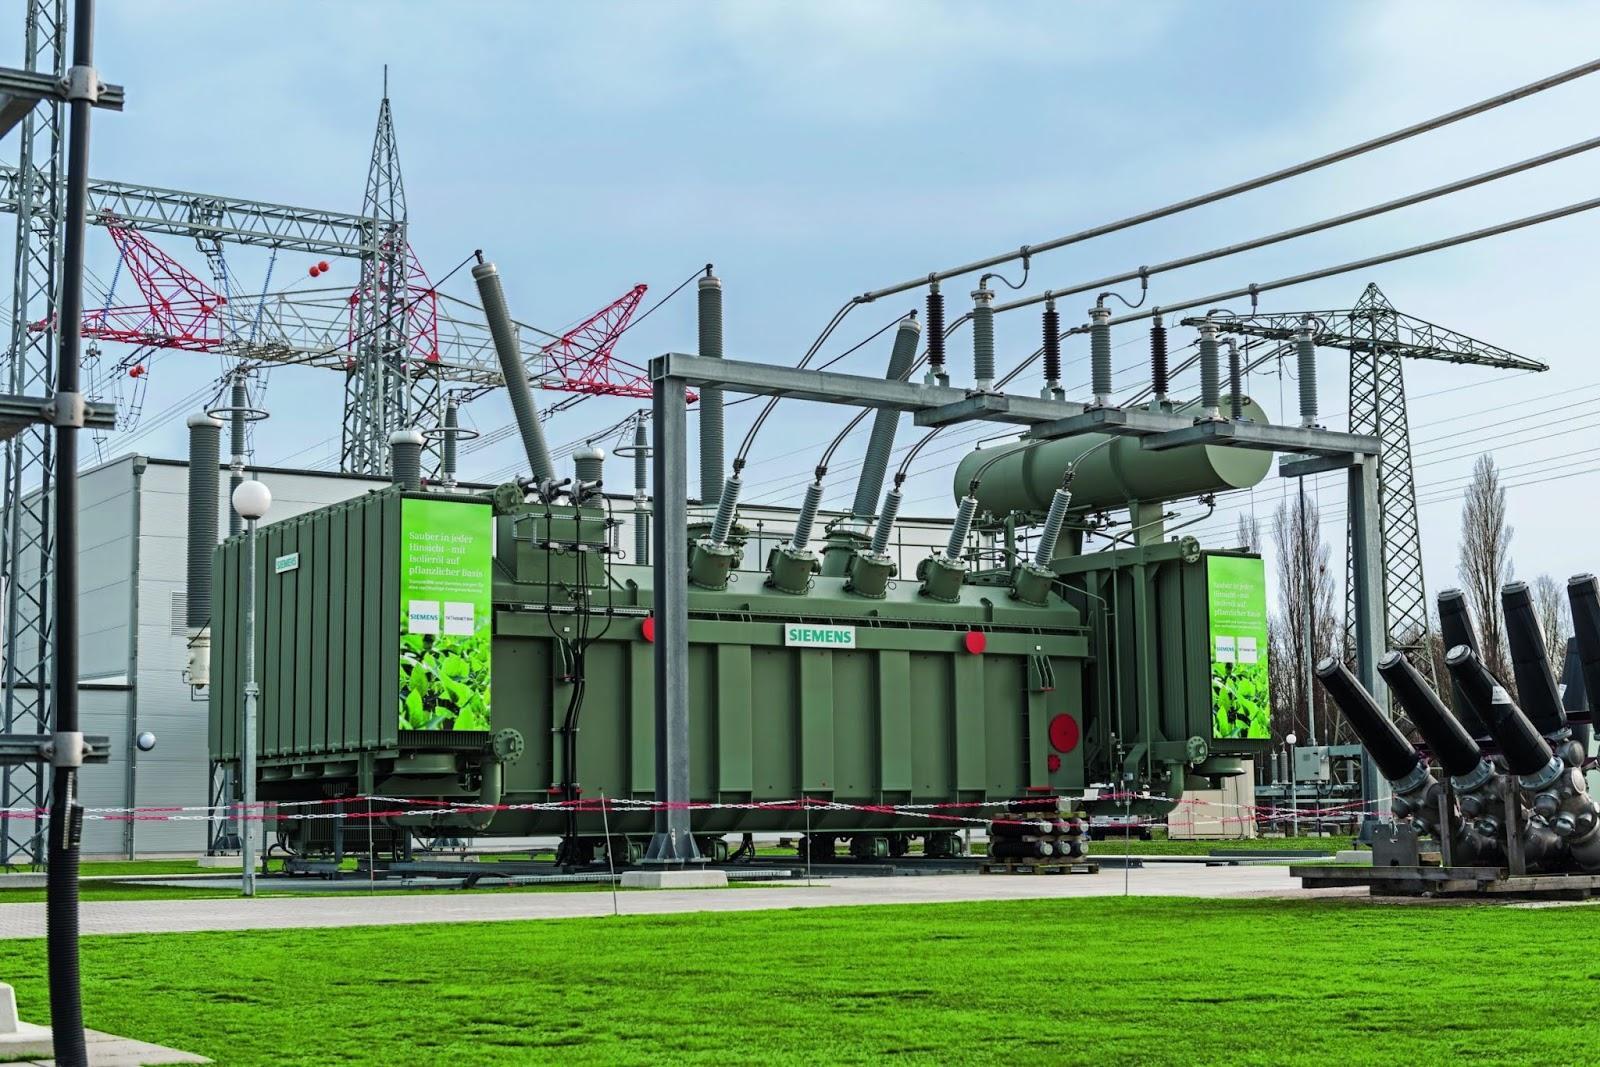 Анализ влияния нагрузки силовых трансформаторов на потребление реактивной мощности